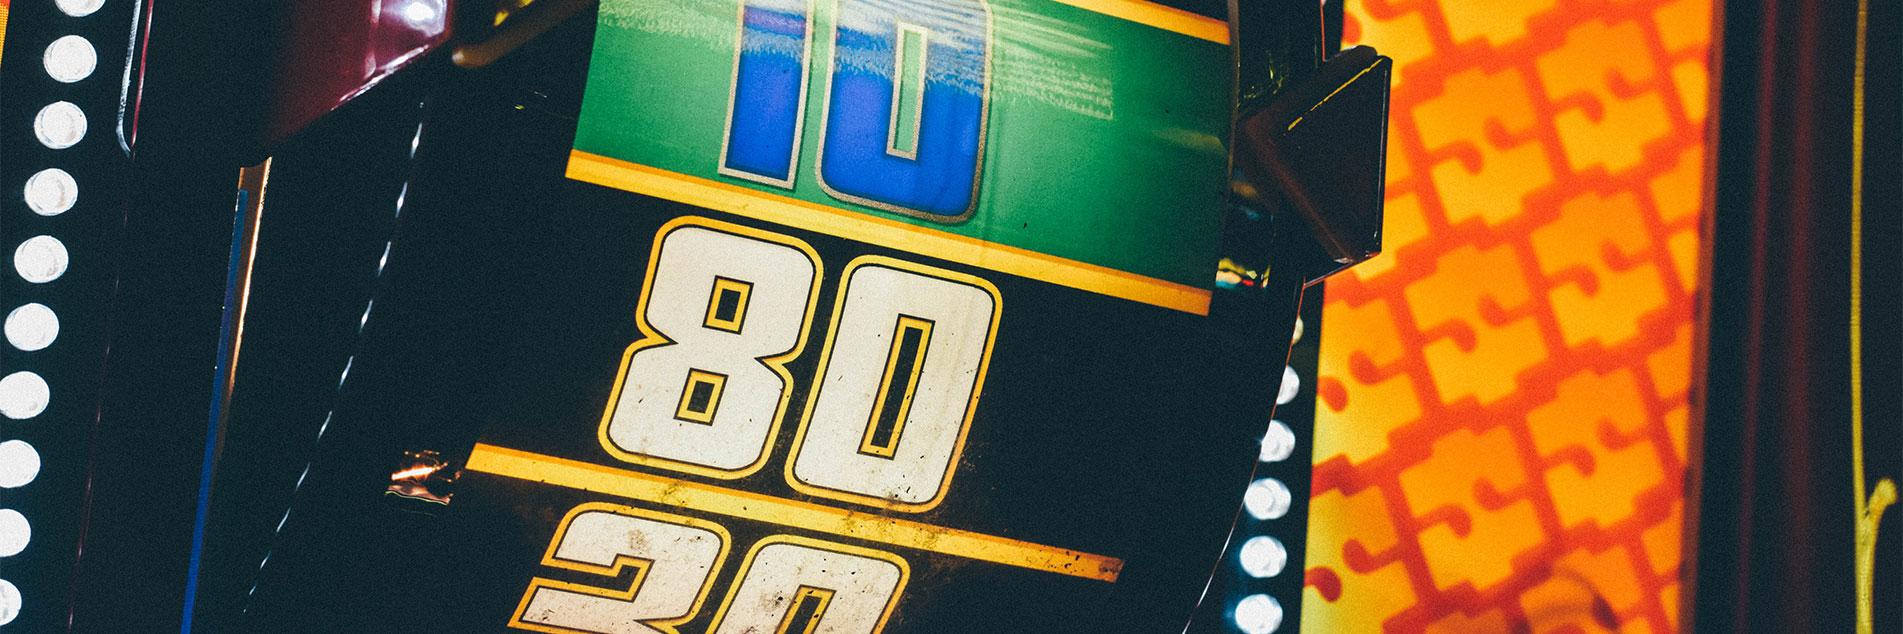 Esitetty kuva Parhaat vinkit online kasinopeleihin aloittelijoille - Parhaat vinkit online-kasinopeleihin aloittelijoille